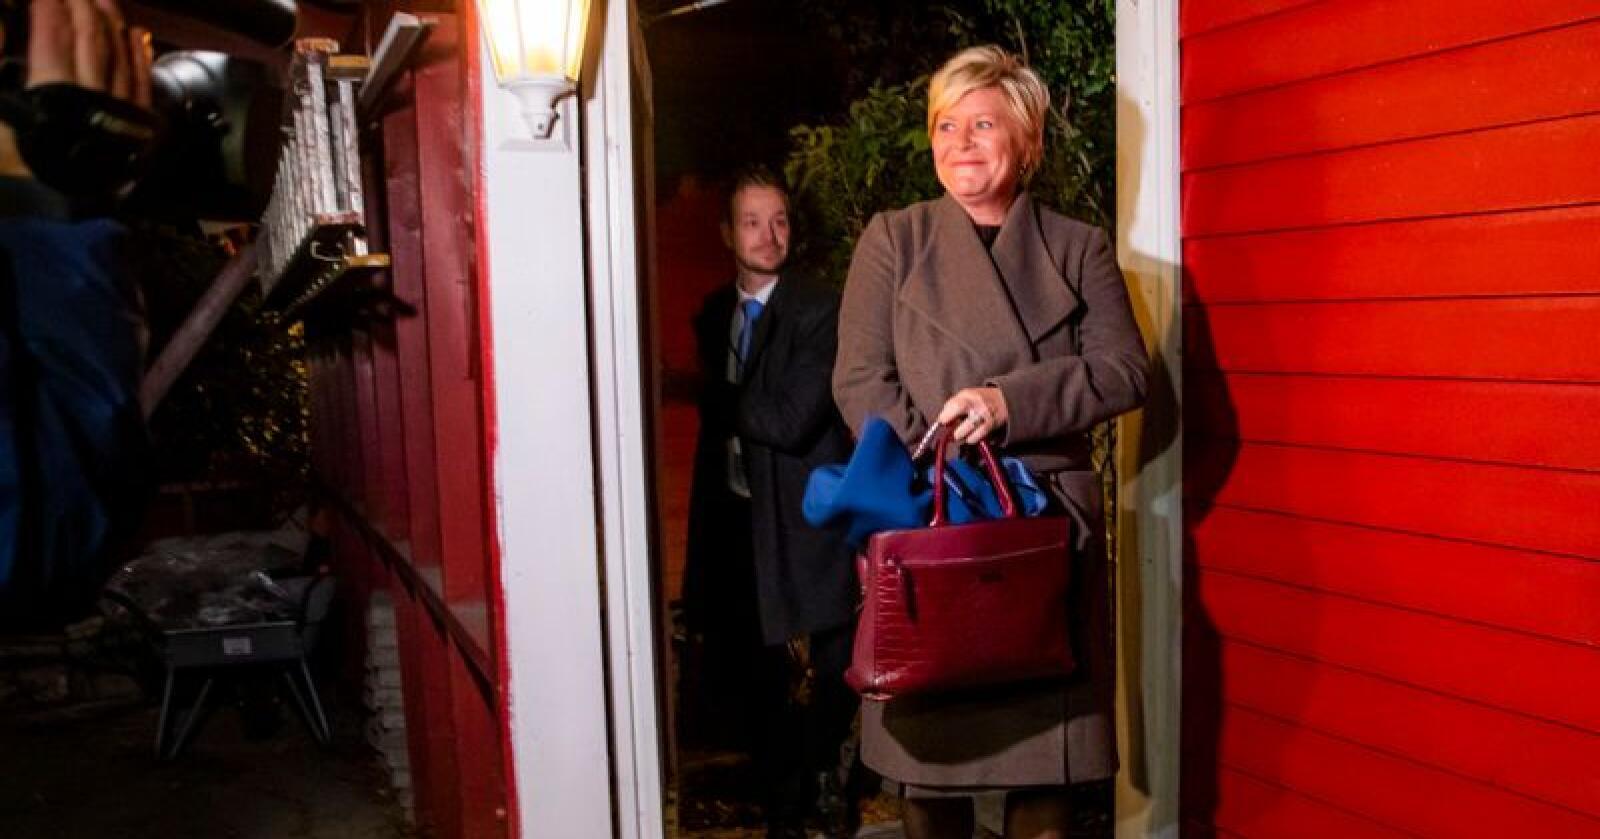 Et titall journalister var møtt fram ved huset til Siv Jensen. Foto: Håkon Mosvold Larsen / NTB scanpix